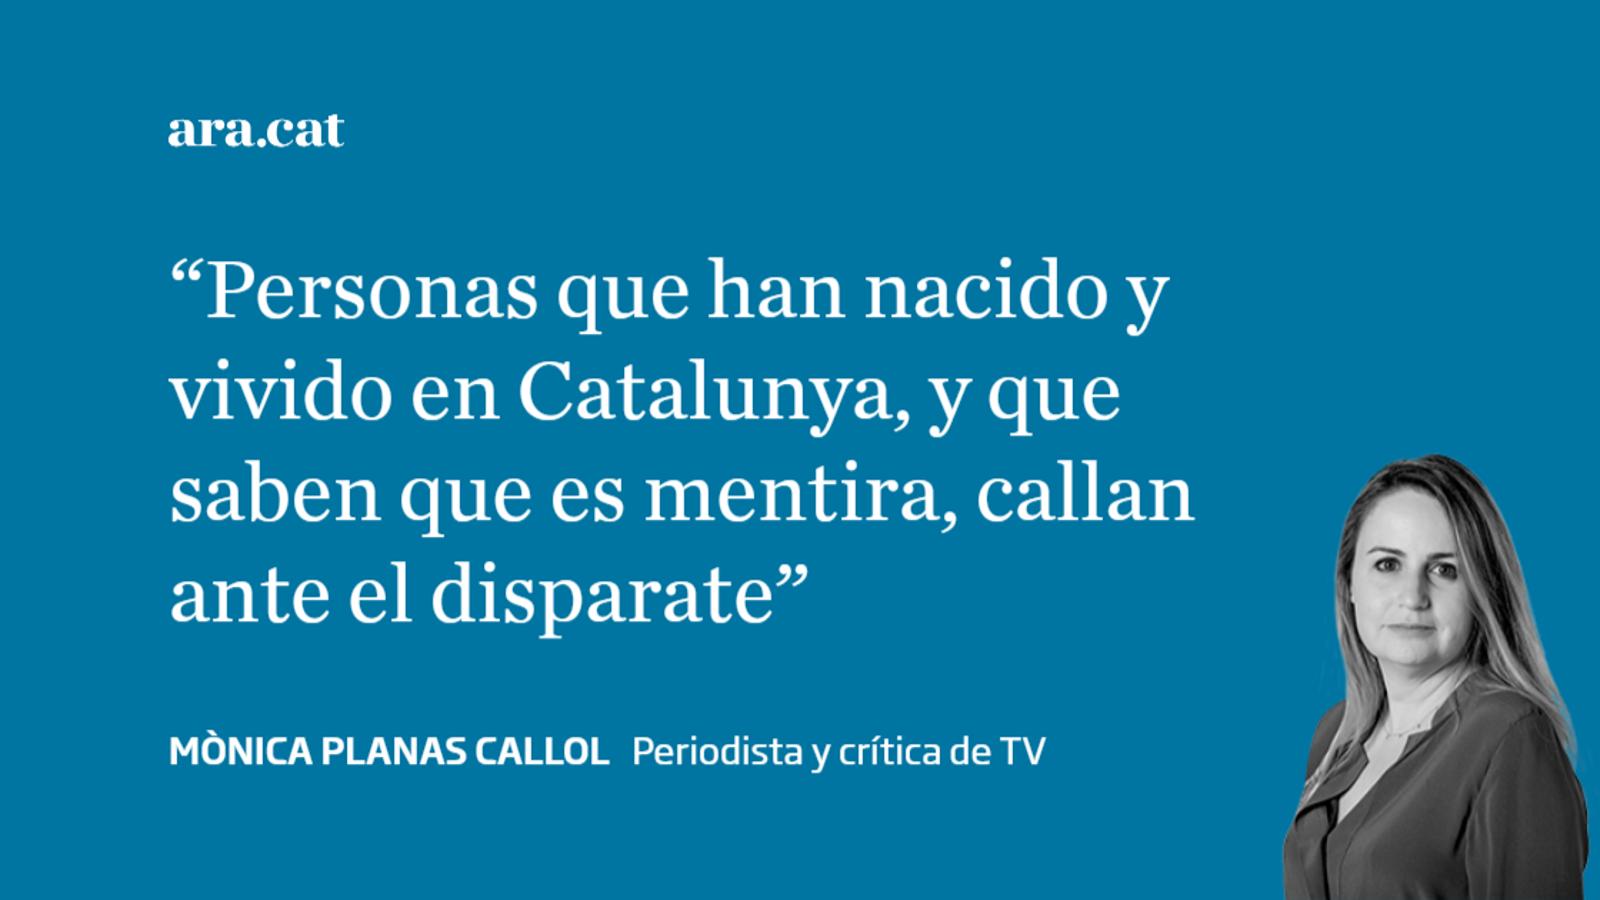 Las mentiras del catalán y los que callan